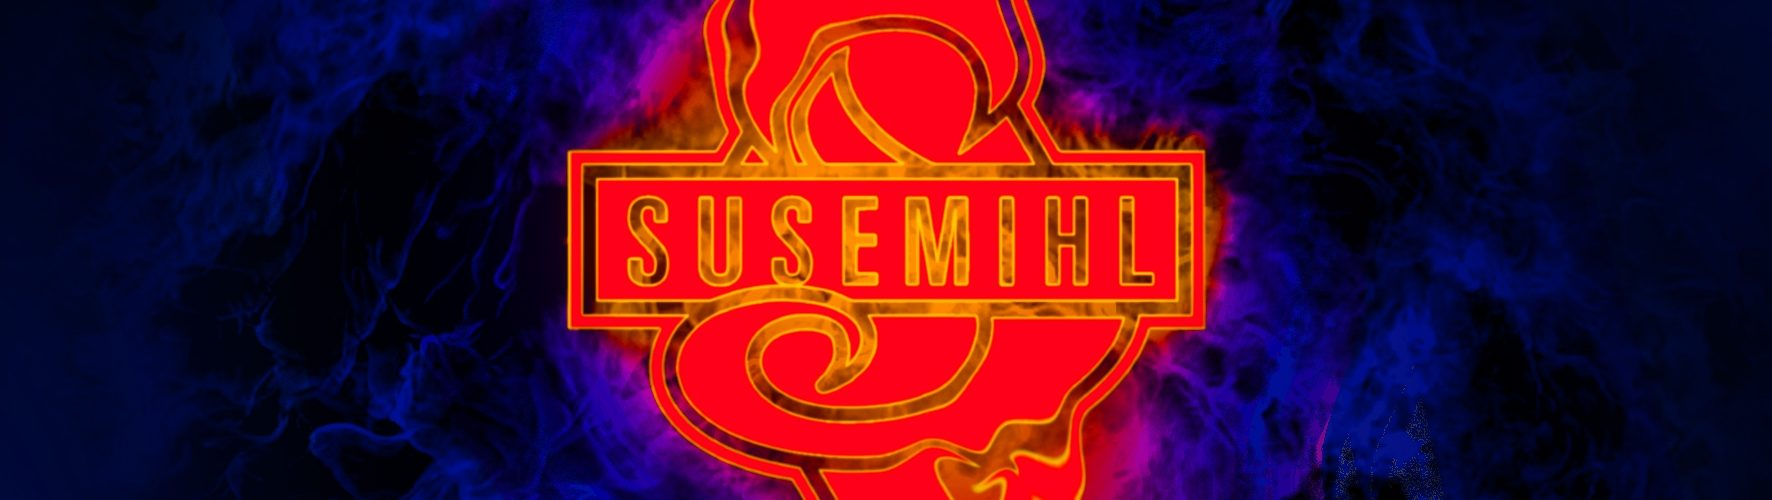 Andy Susemihl – Alienation